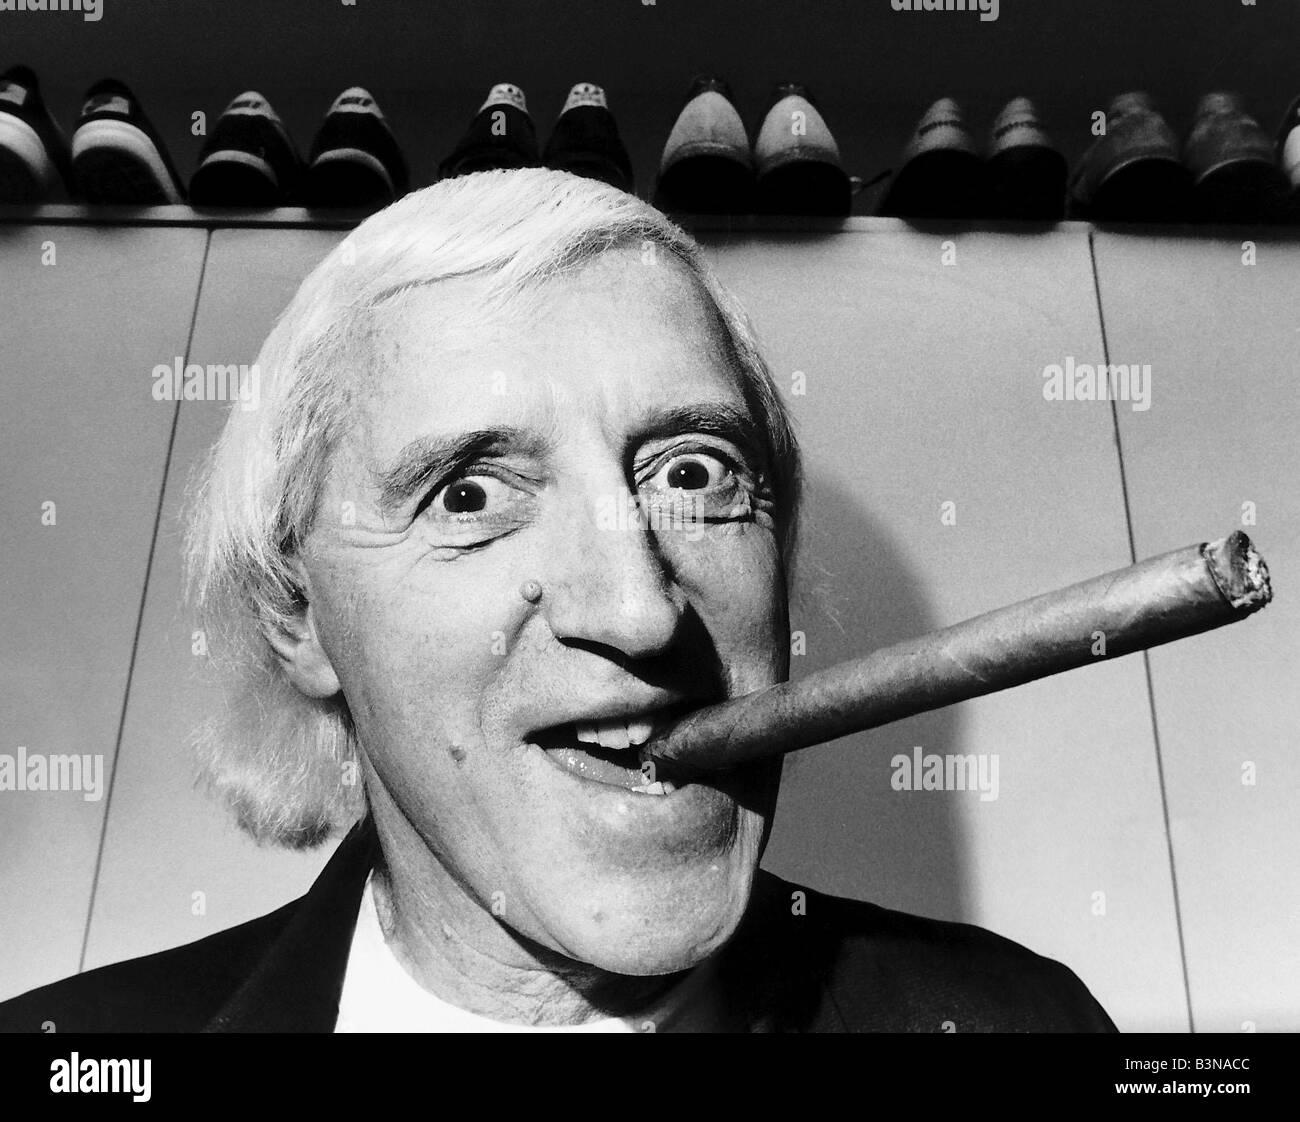 Jimmy Saville DJ TV Presenter smoking a large cigar - Stock Image